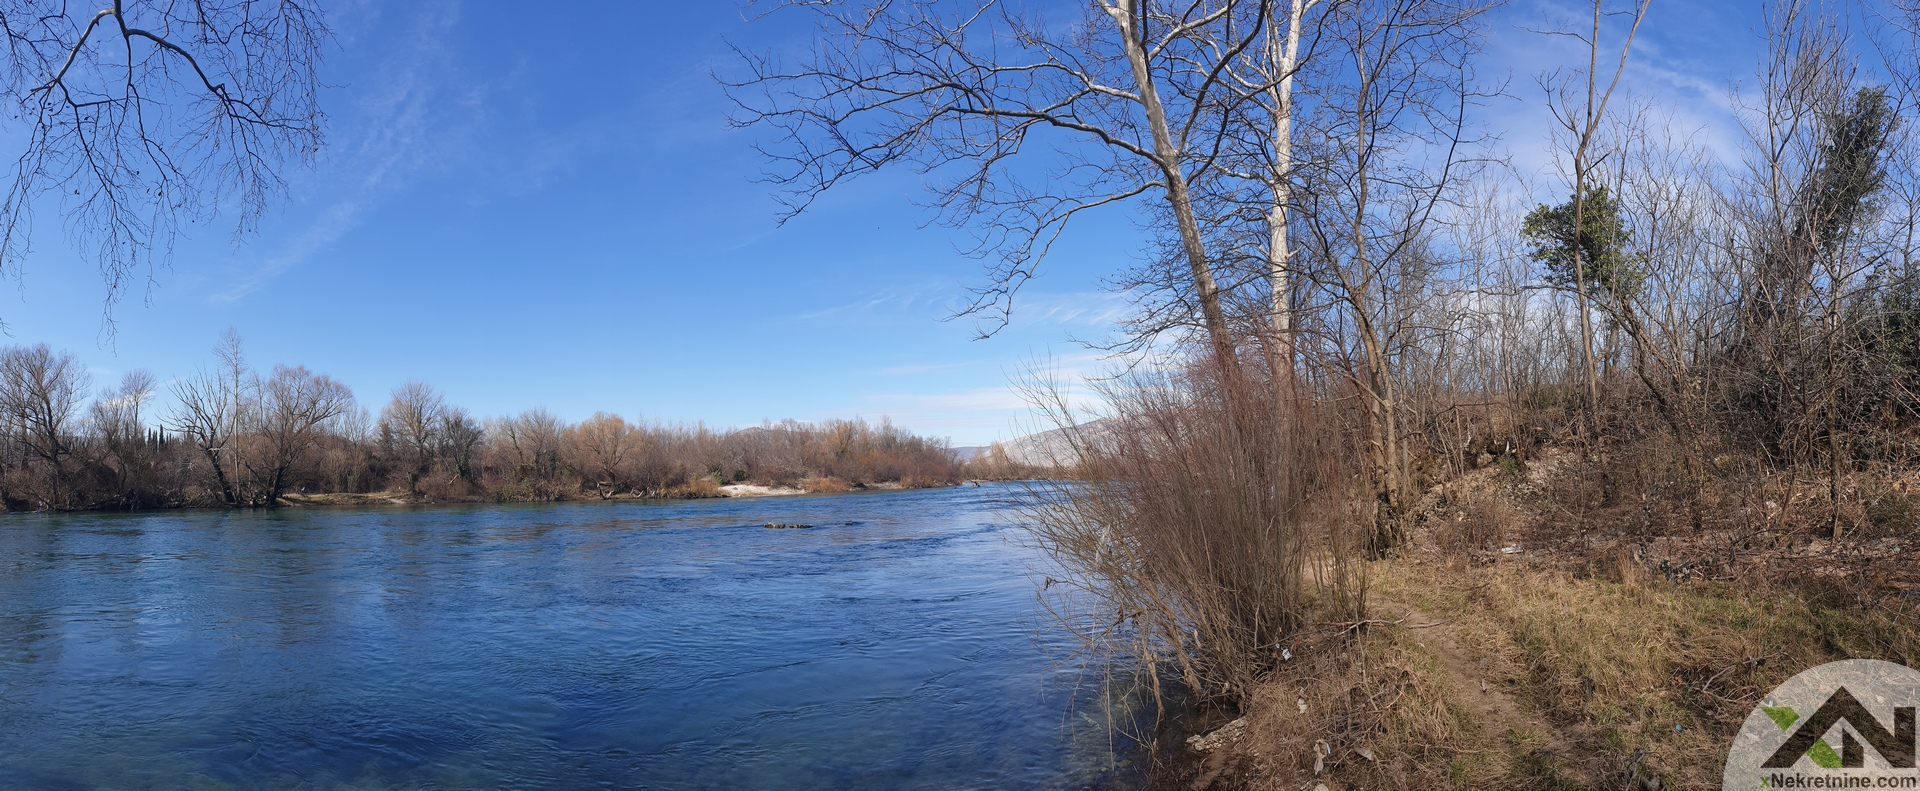 Zemljište uz rijeku neretvu